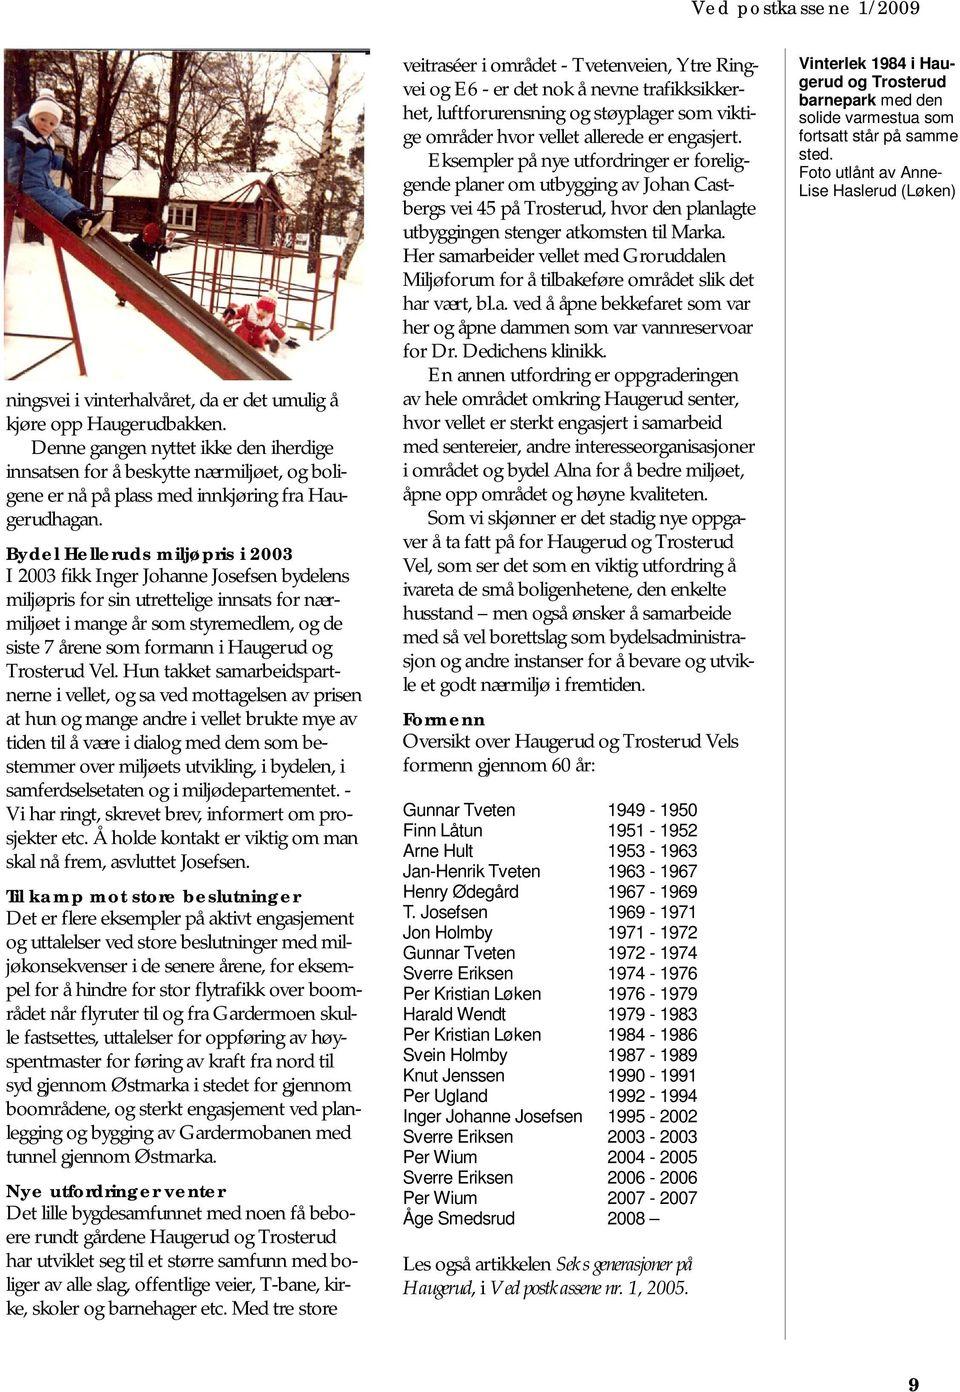 hight resolution of bydel helleruds milj pris i 2003 i 2003 fikk inger johanne josefsen bydelens milj pris for sin utrettelige